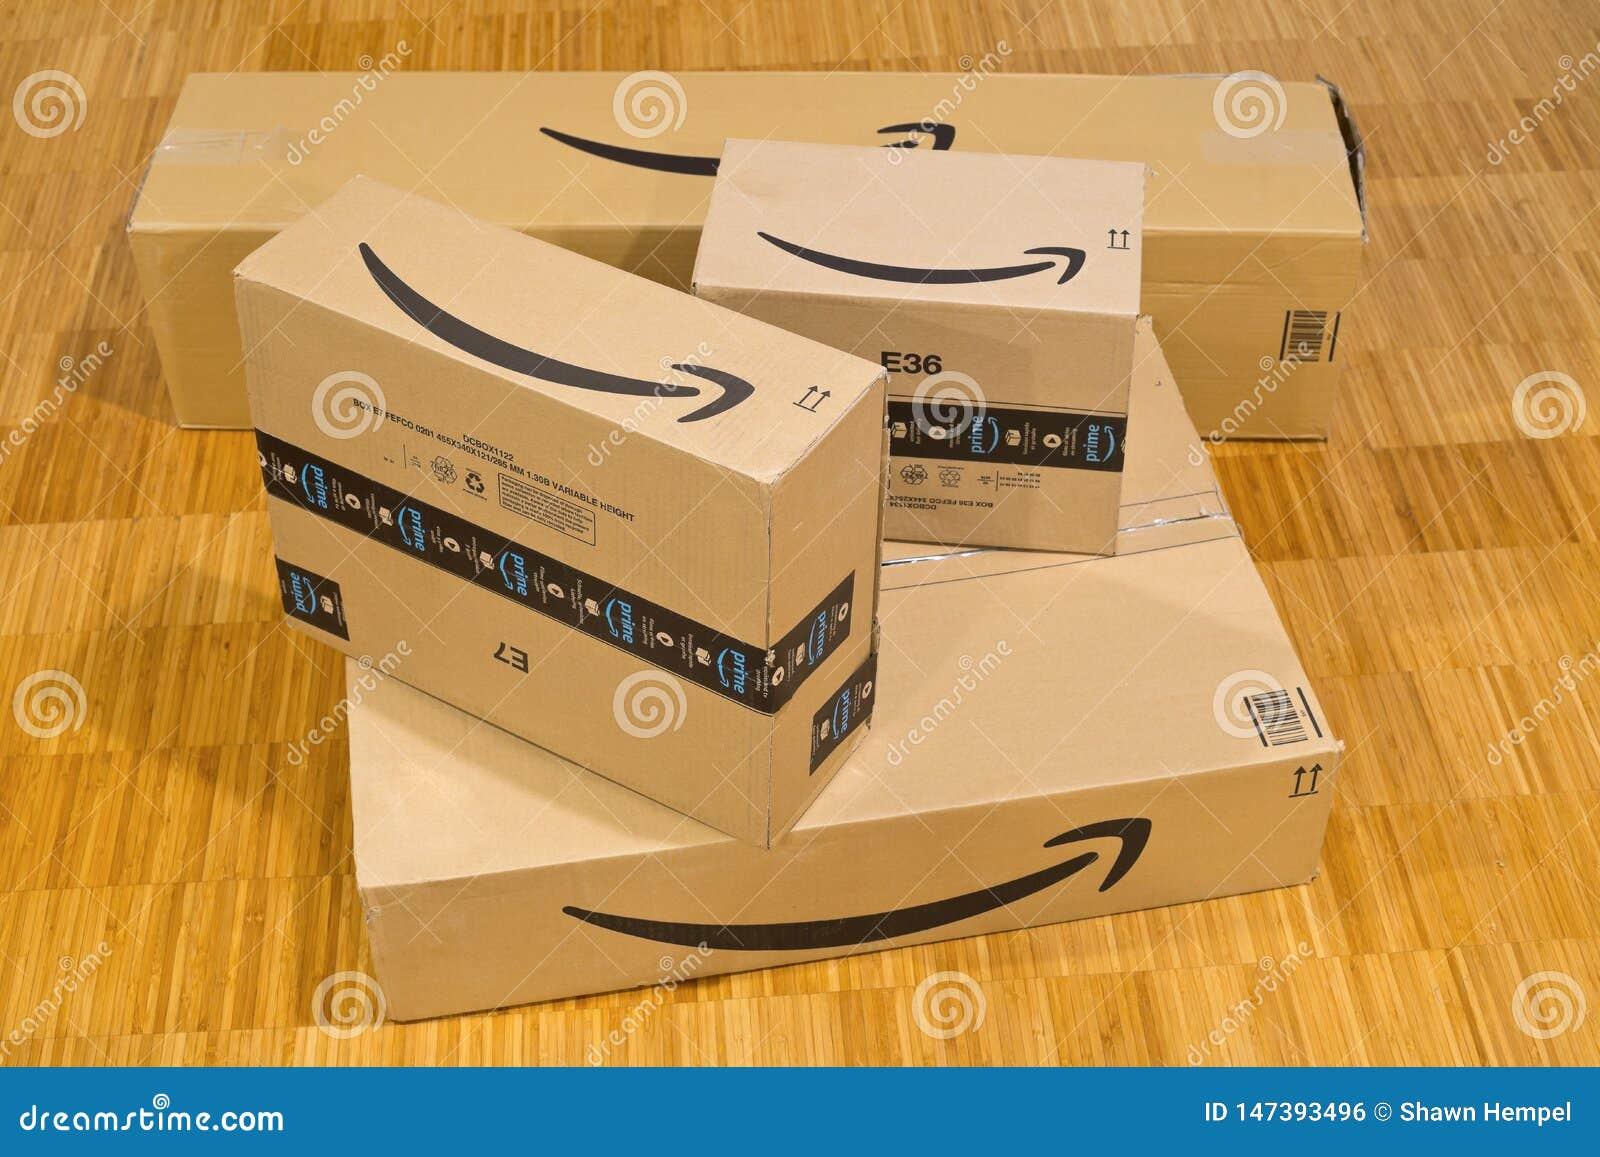 DRESDEN, ALEMANIA - 3 DE ABRIL DE 2019: Pila de paquetes del Amazon Prime en piso de madera de la oficina